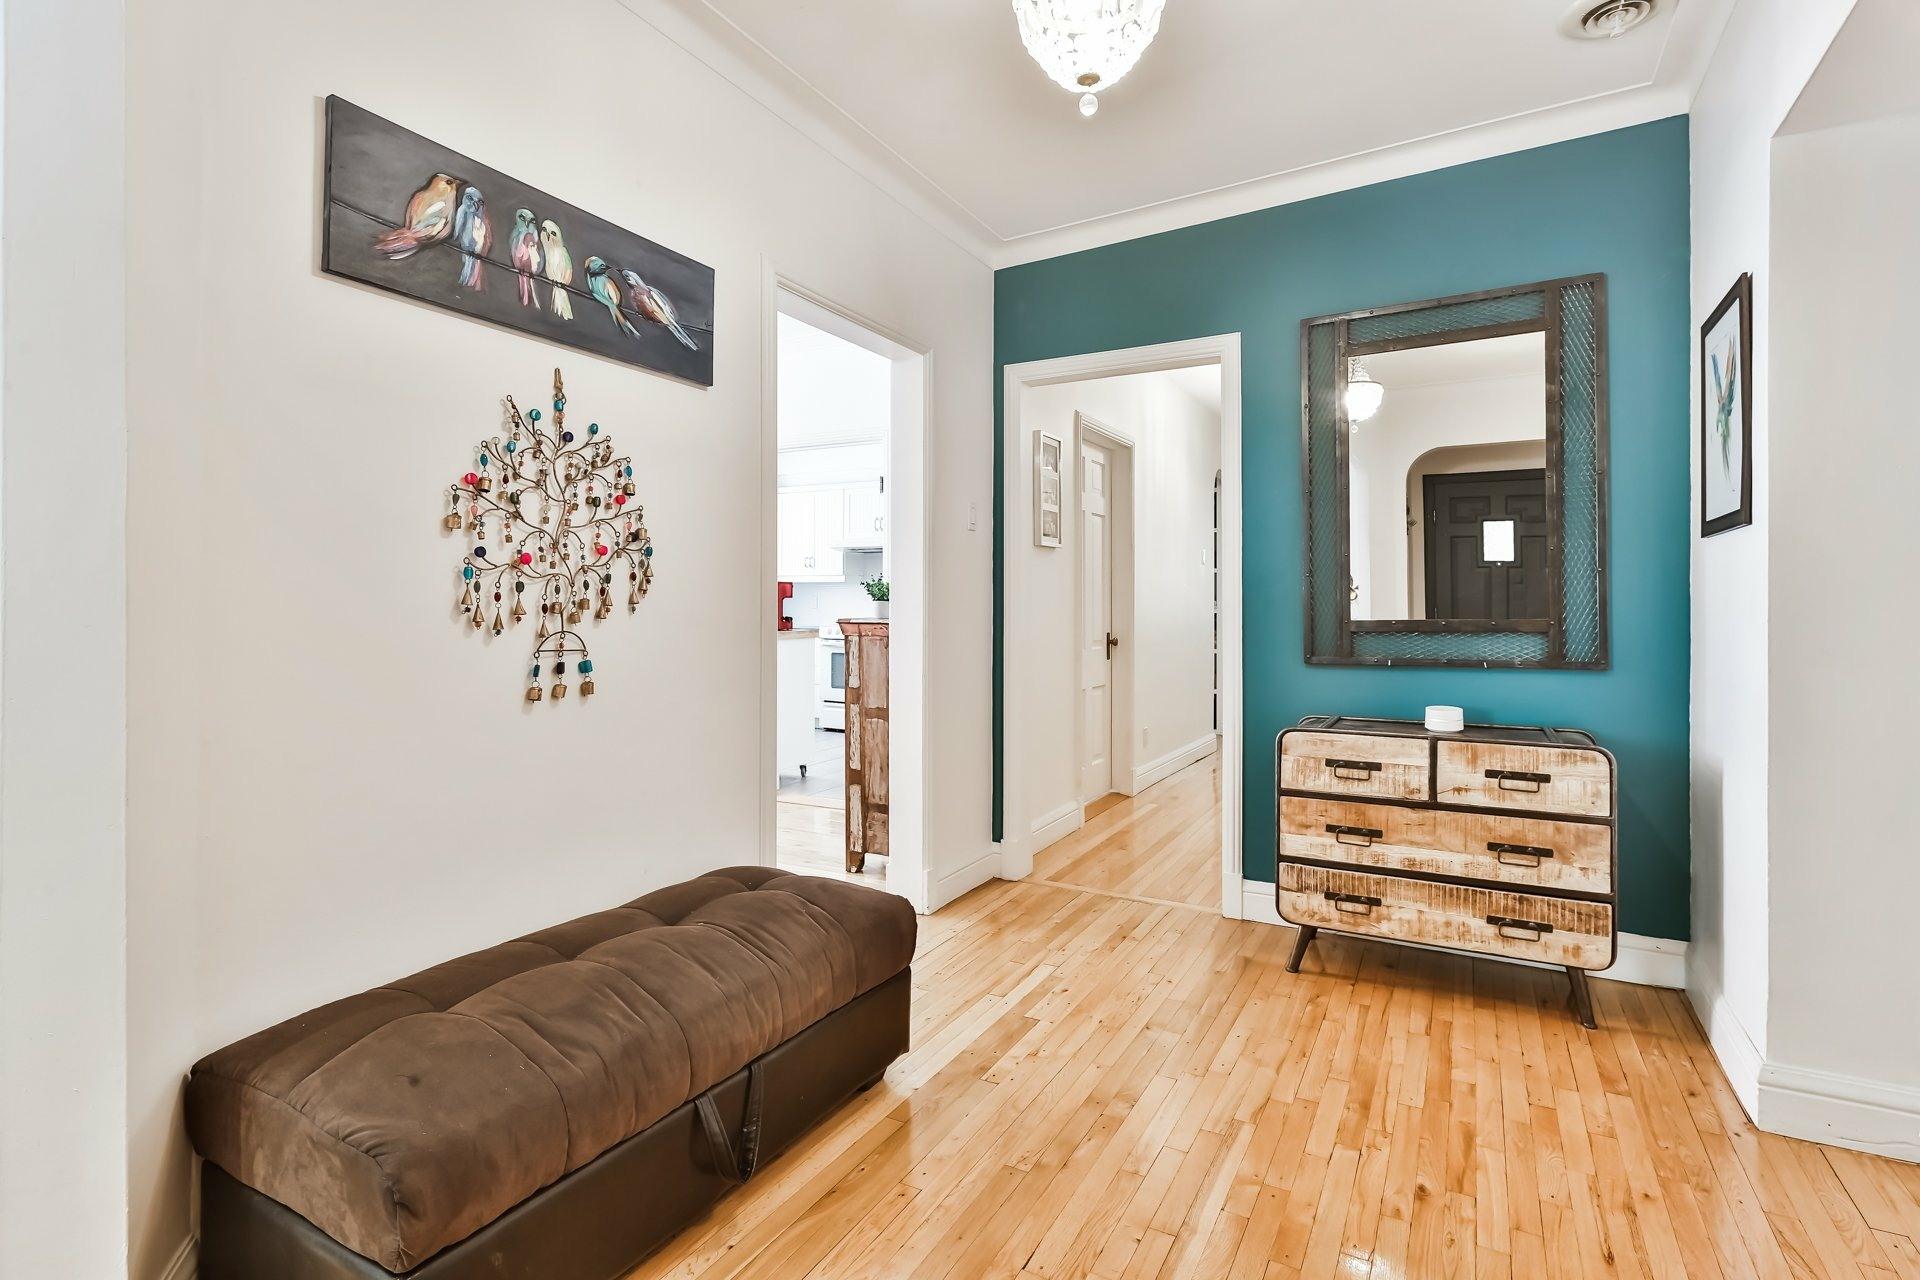 image 2 - Appartement À vendre Montréal Côte-des-Neiges/Notre-Dame-de-Grâce  - 7 pièces